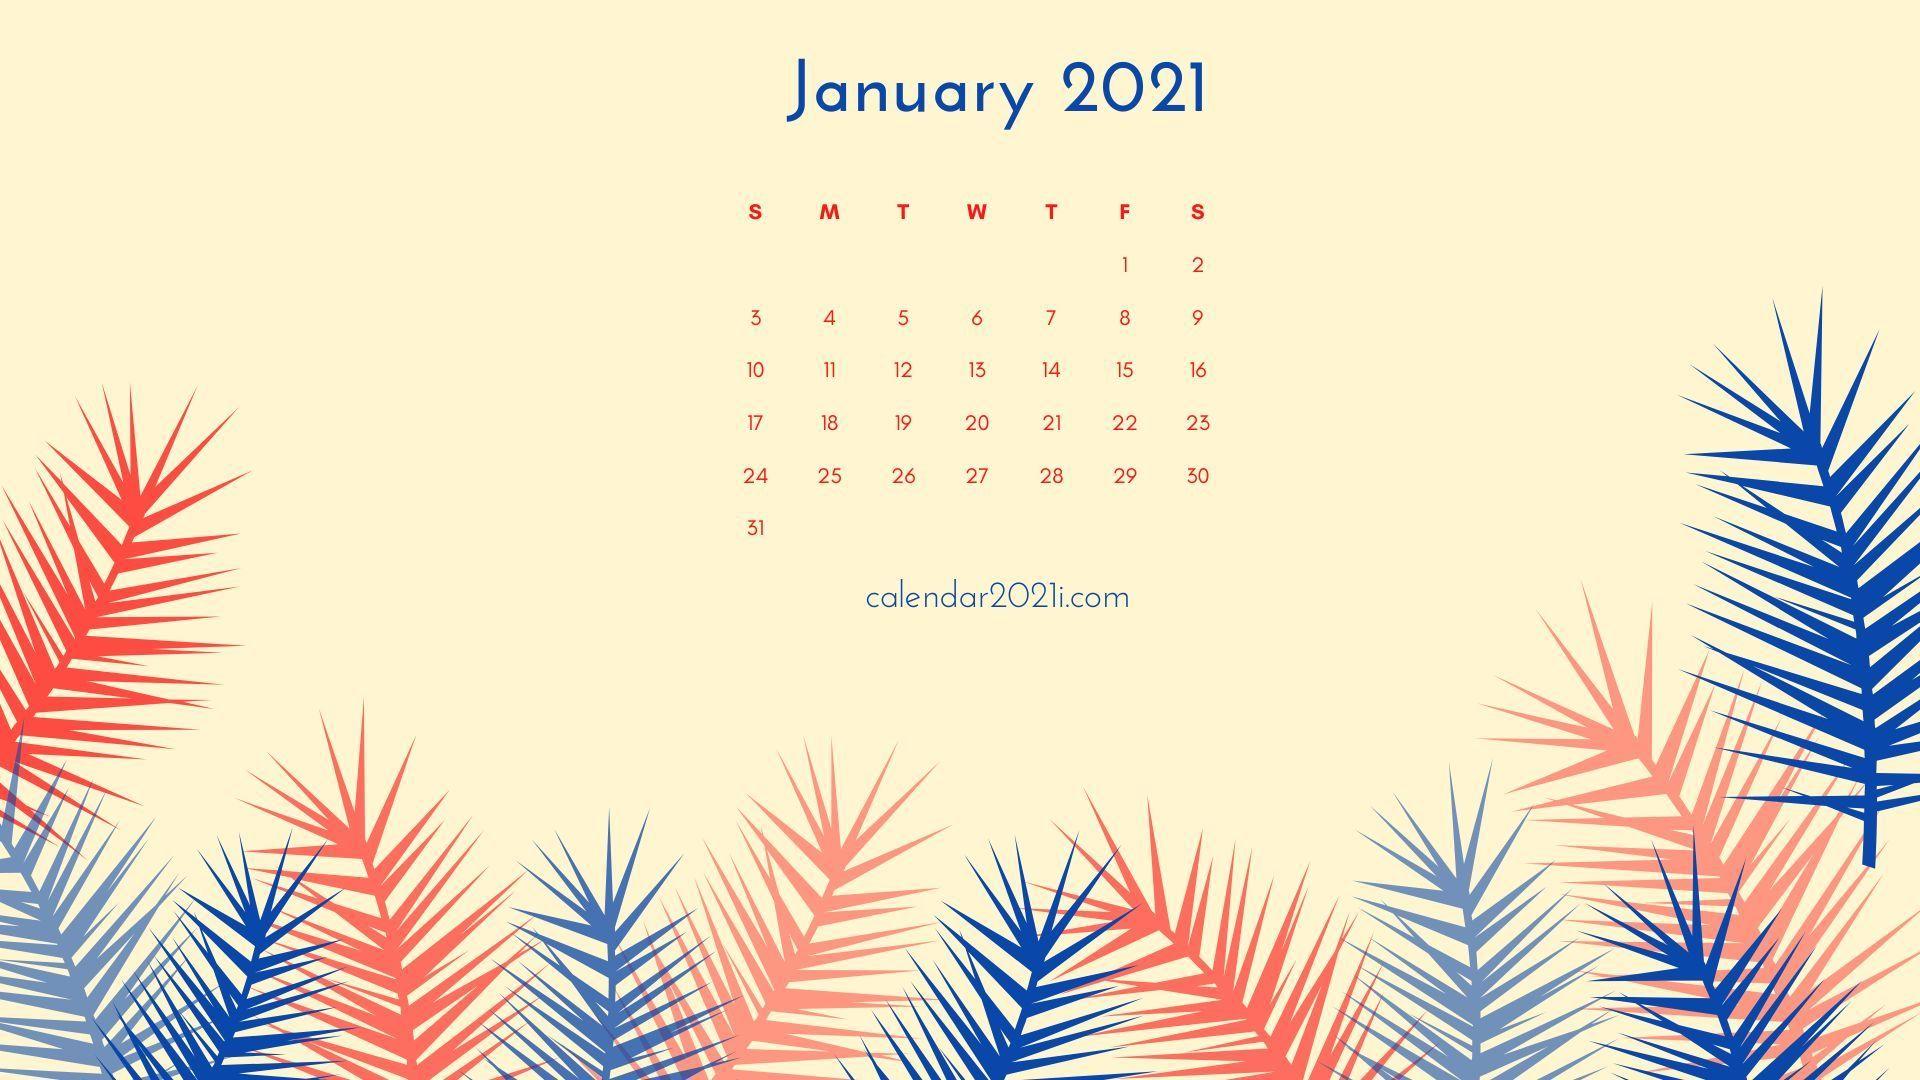 January 2021 Calendar Wallpapers   Top January 2021 Calendar 1920x1080